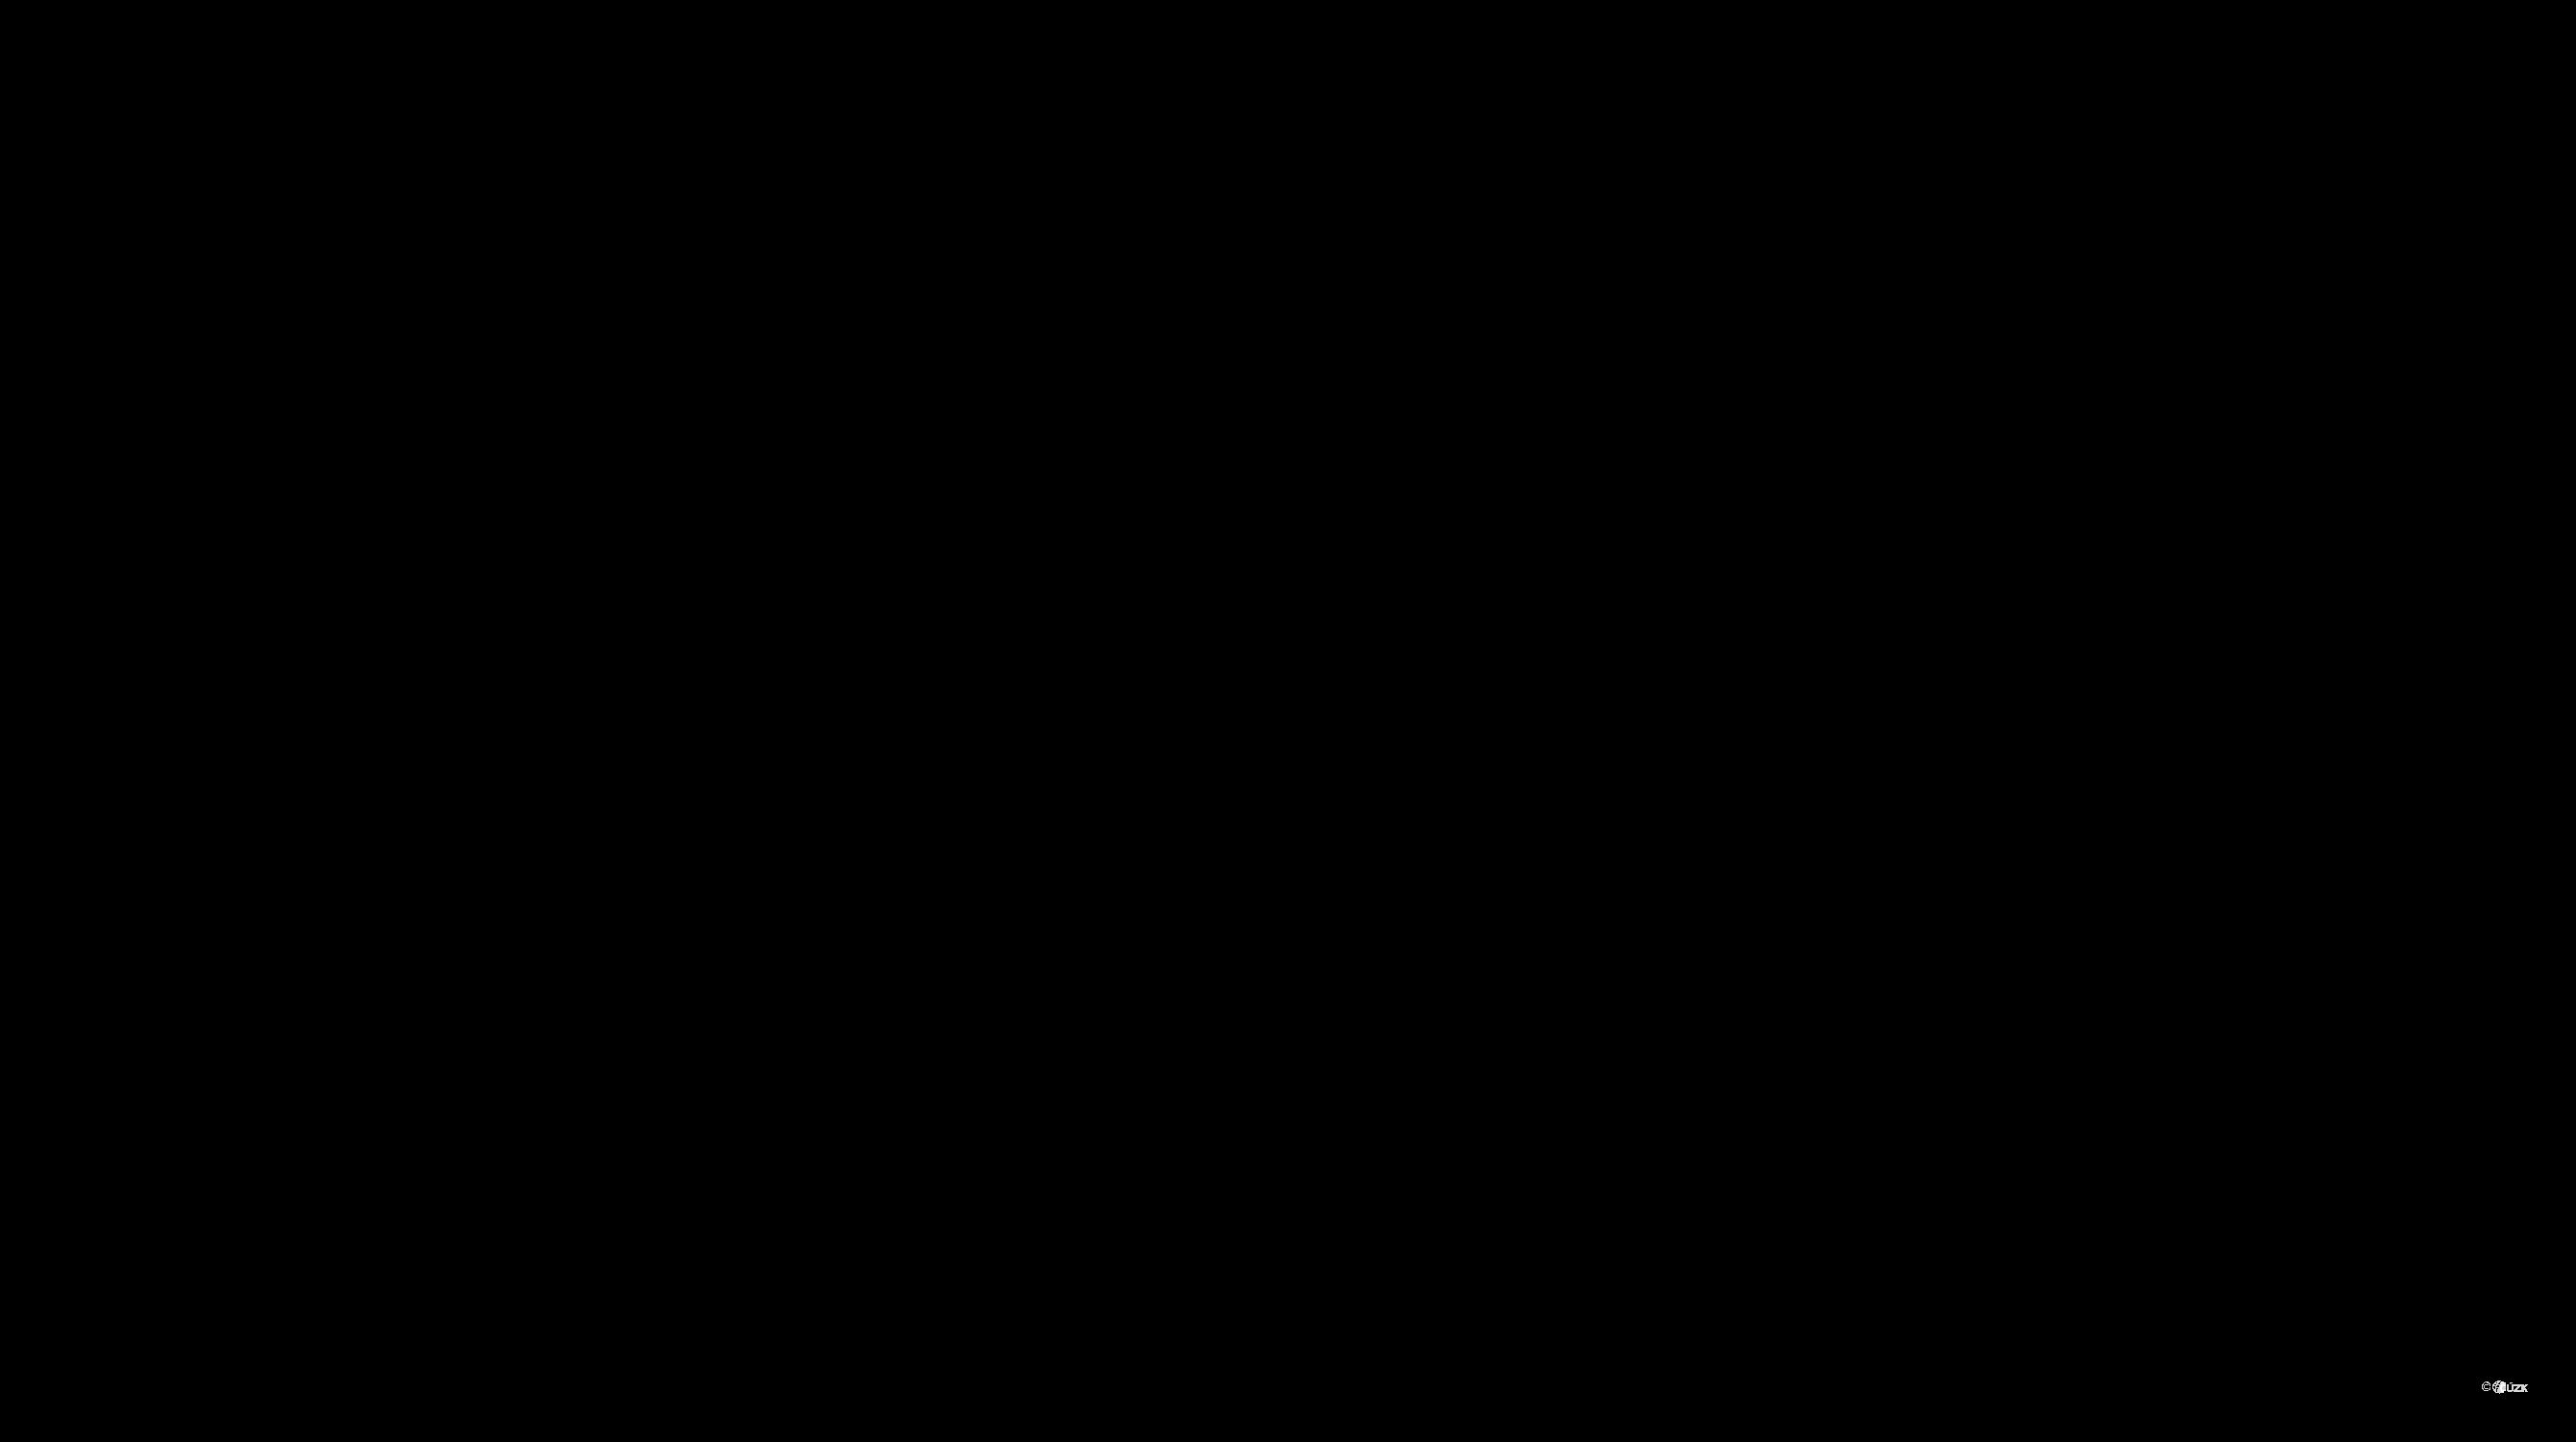 Katastrální mapa pozemků a čísla parcel Čestín u Jankova